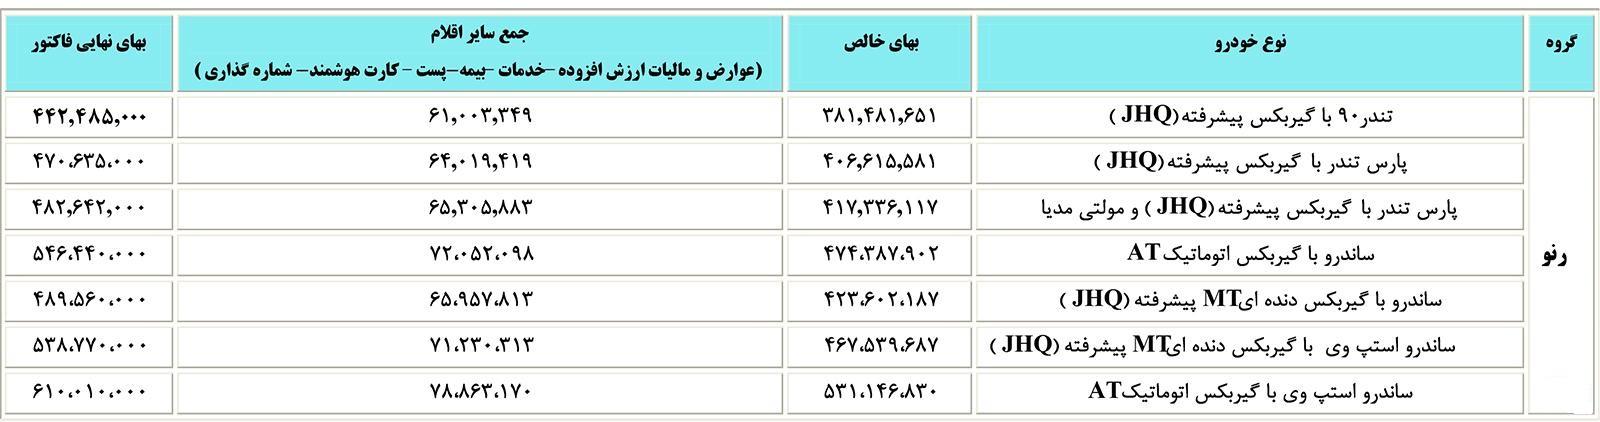 قیمت جدید خودروهای رنو پارس خودرو اعلام شد (+جدول)